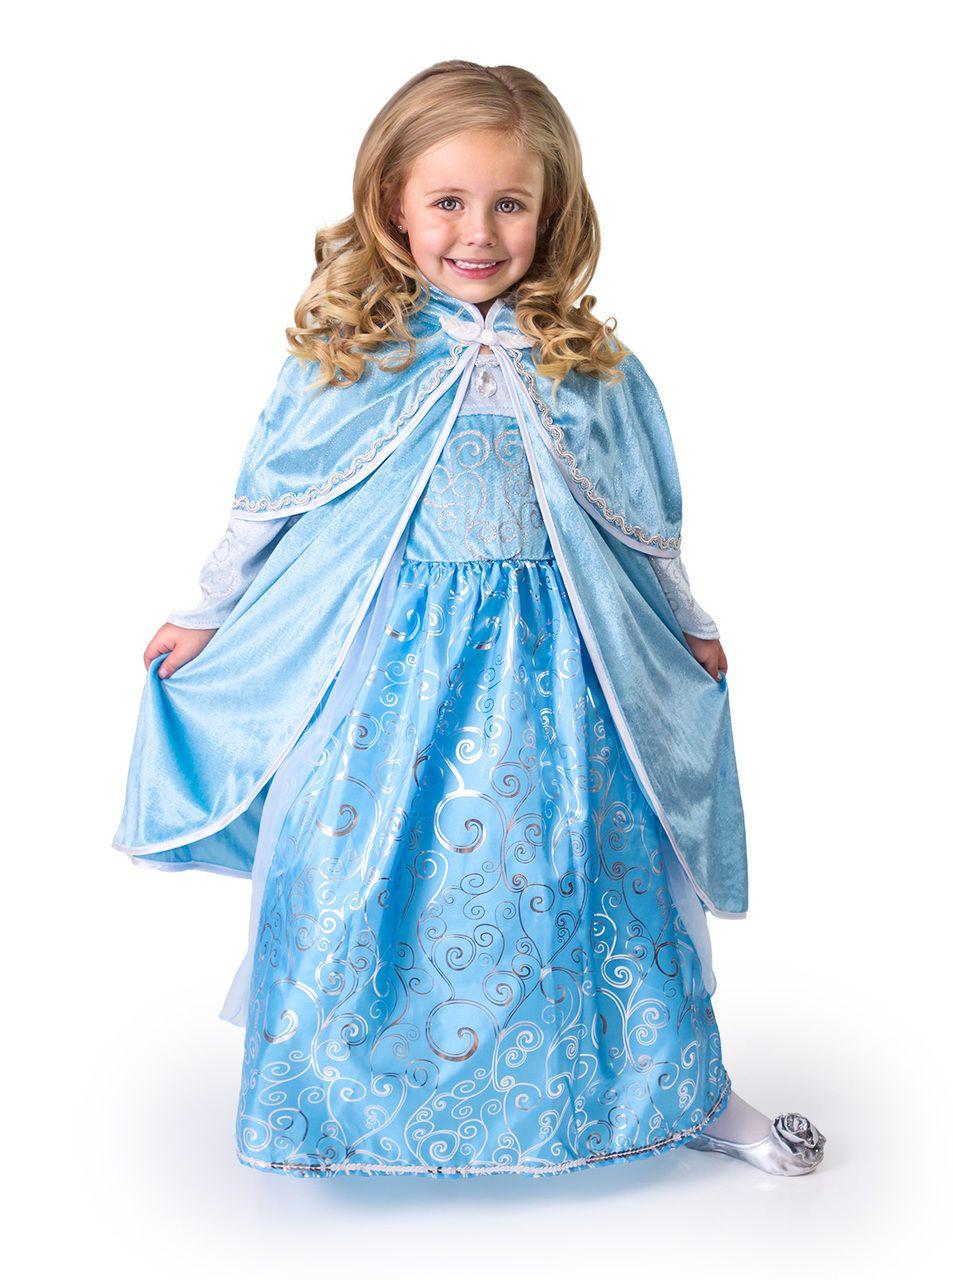 Light Blue Panne Velvet Hooded Cape Child Costume Accessory Girls Winter